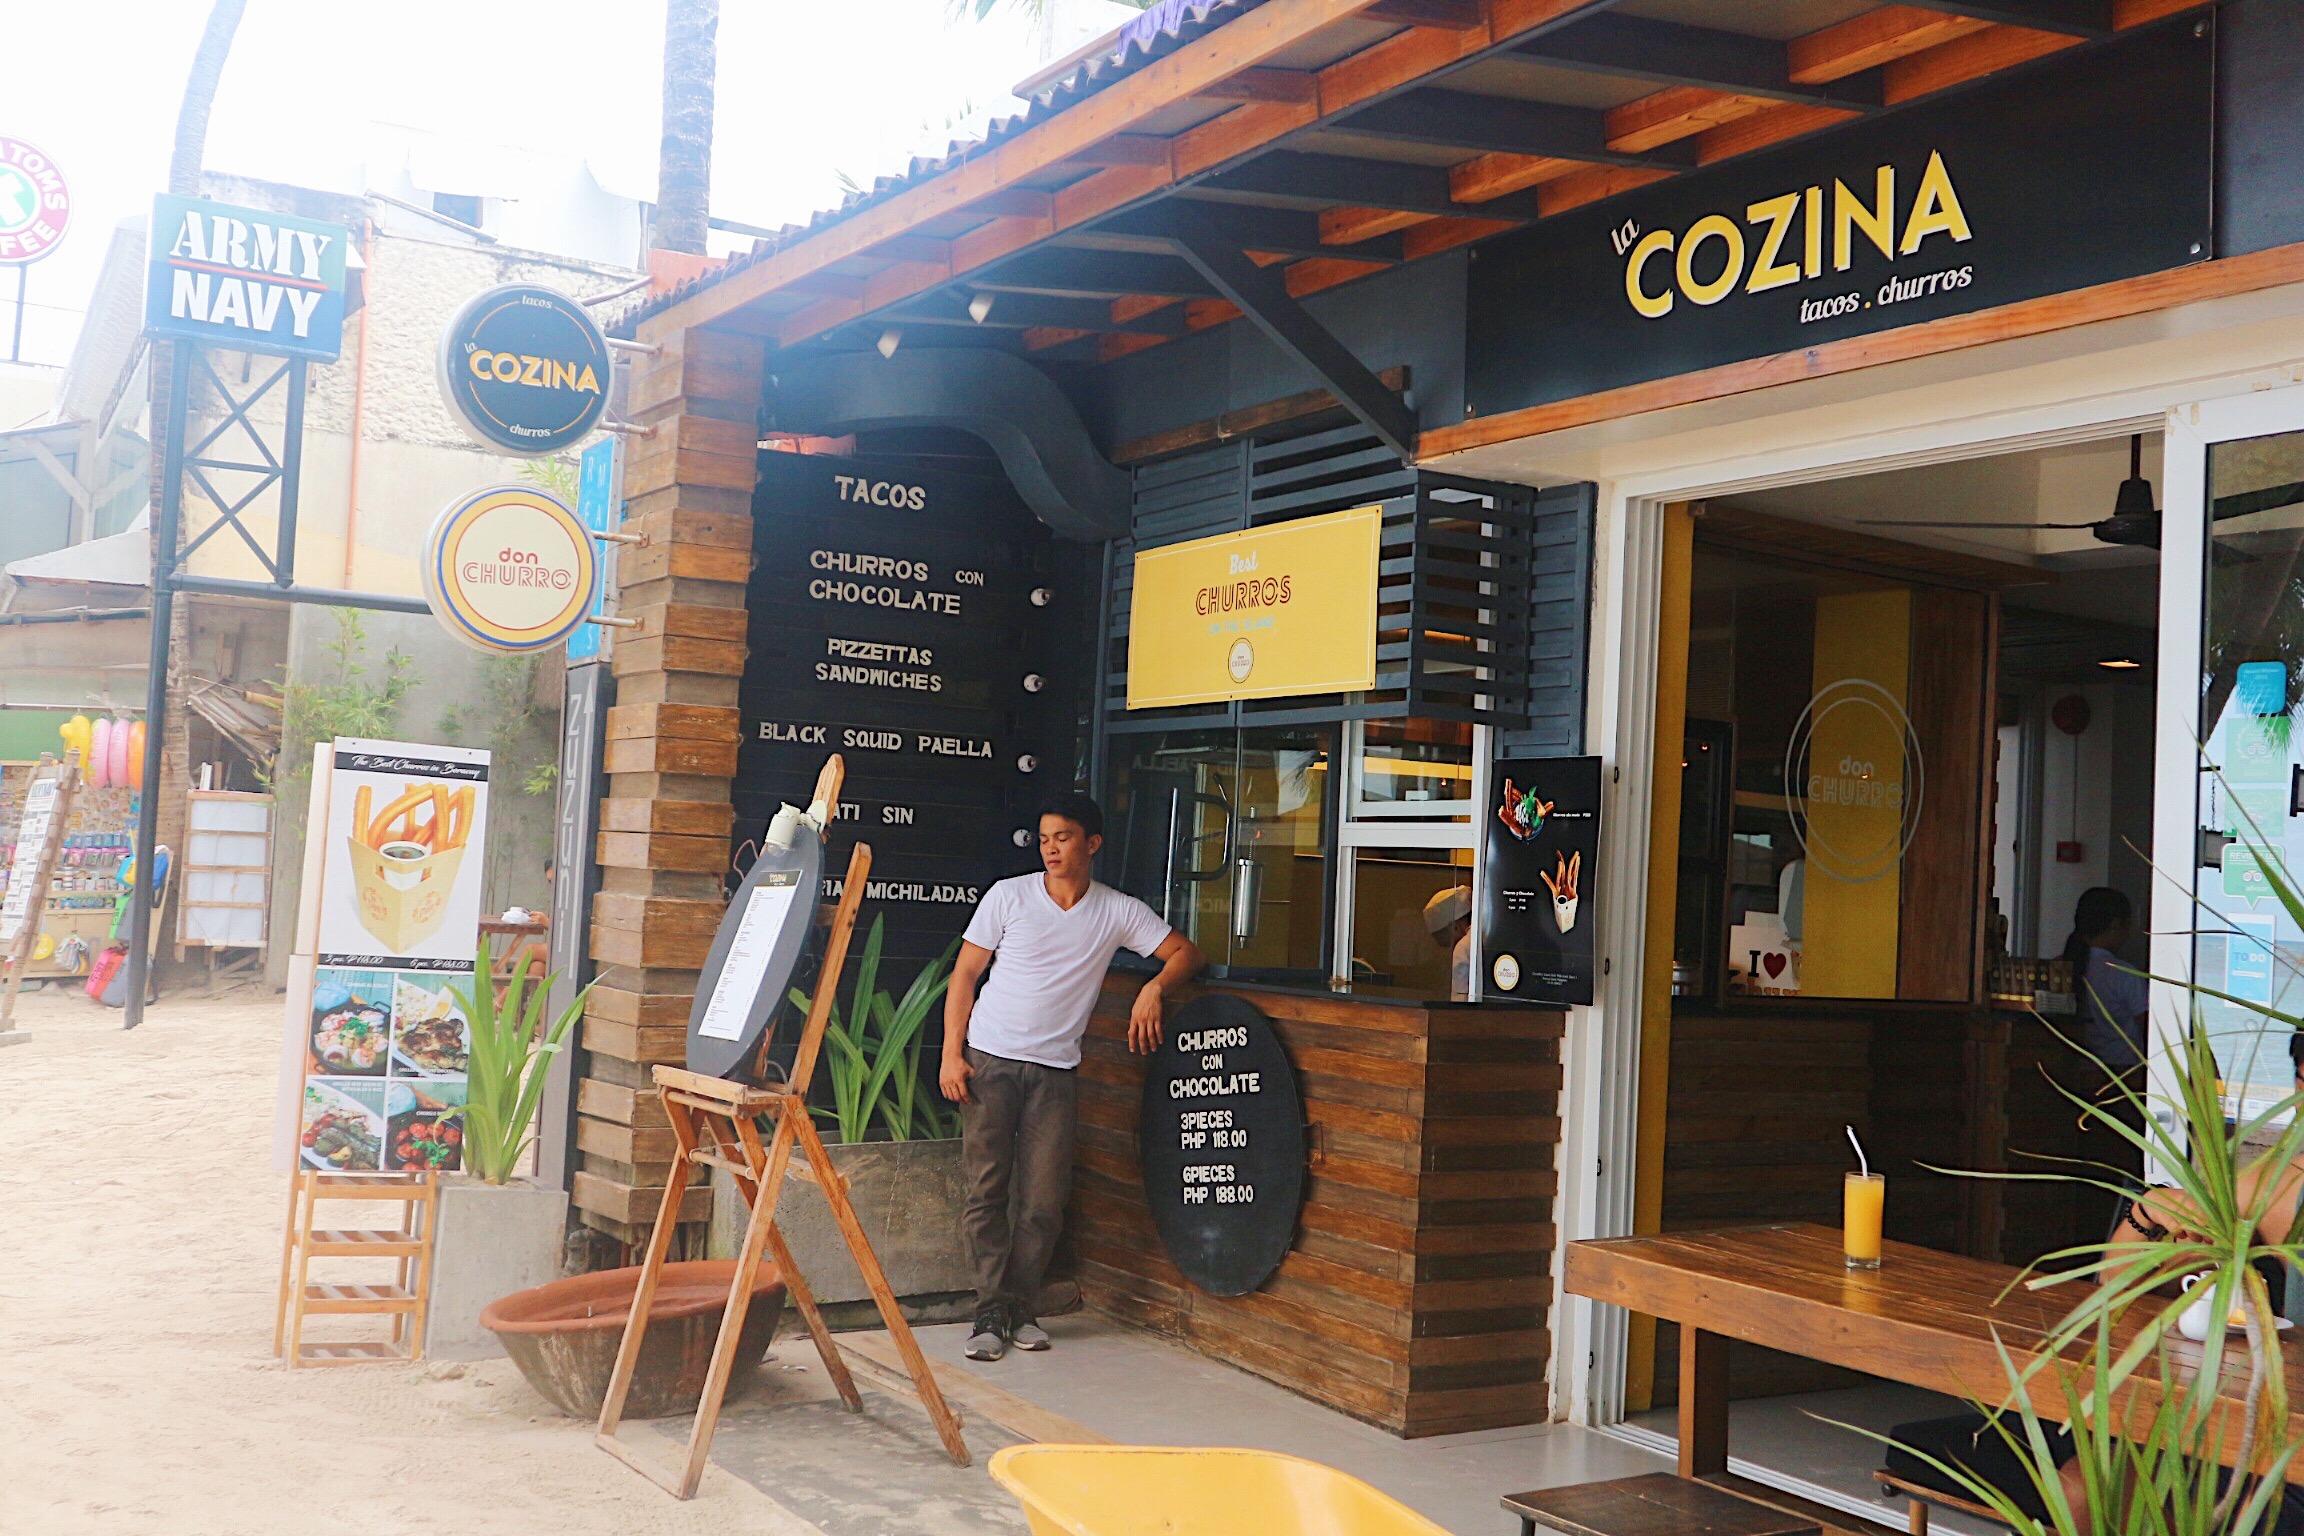 La Cozina